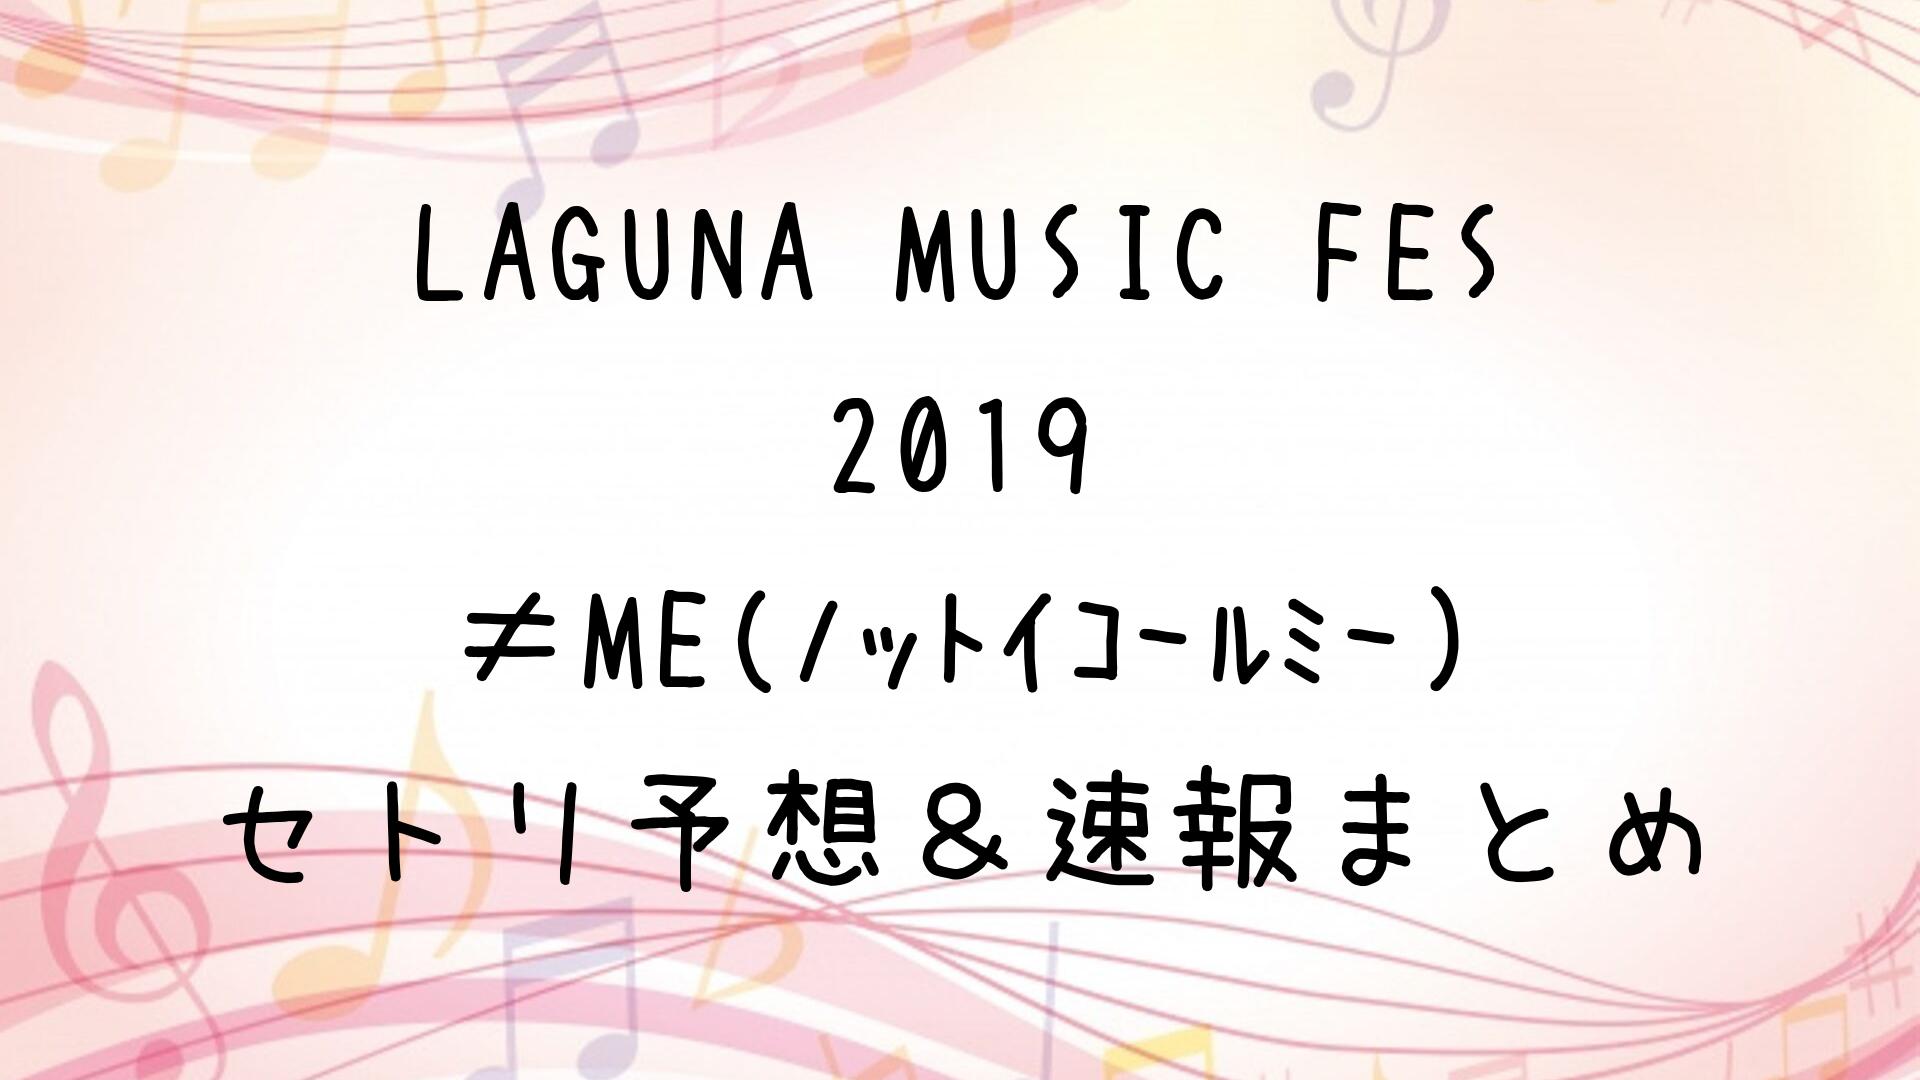 LAUNLAGUNA MUSIC FES 2019A MUSIC FES 2019